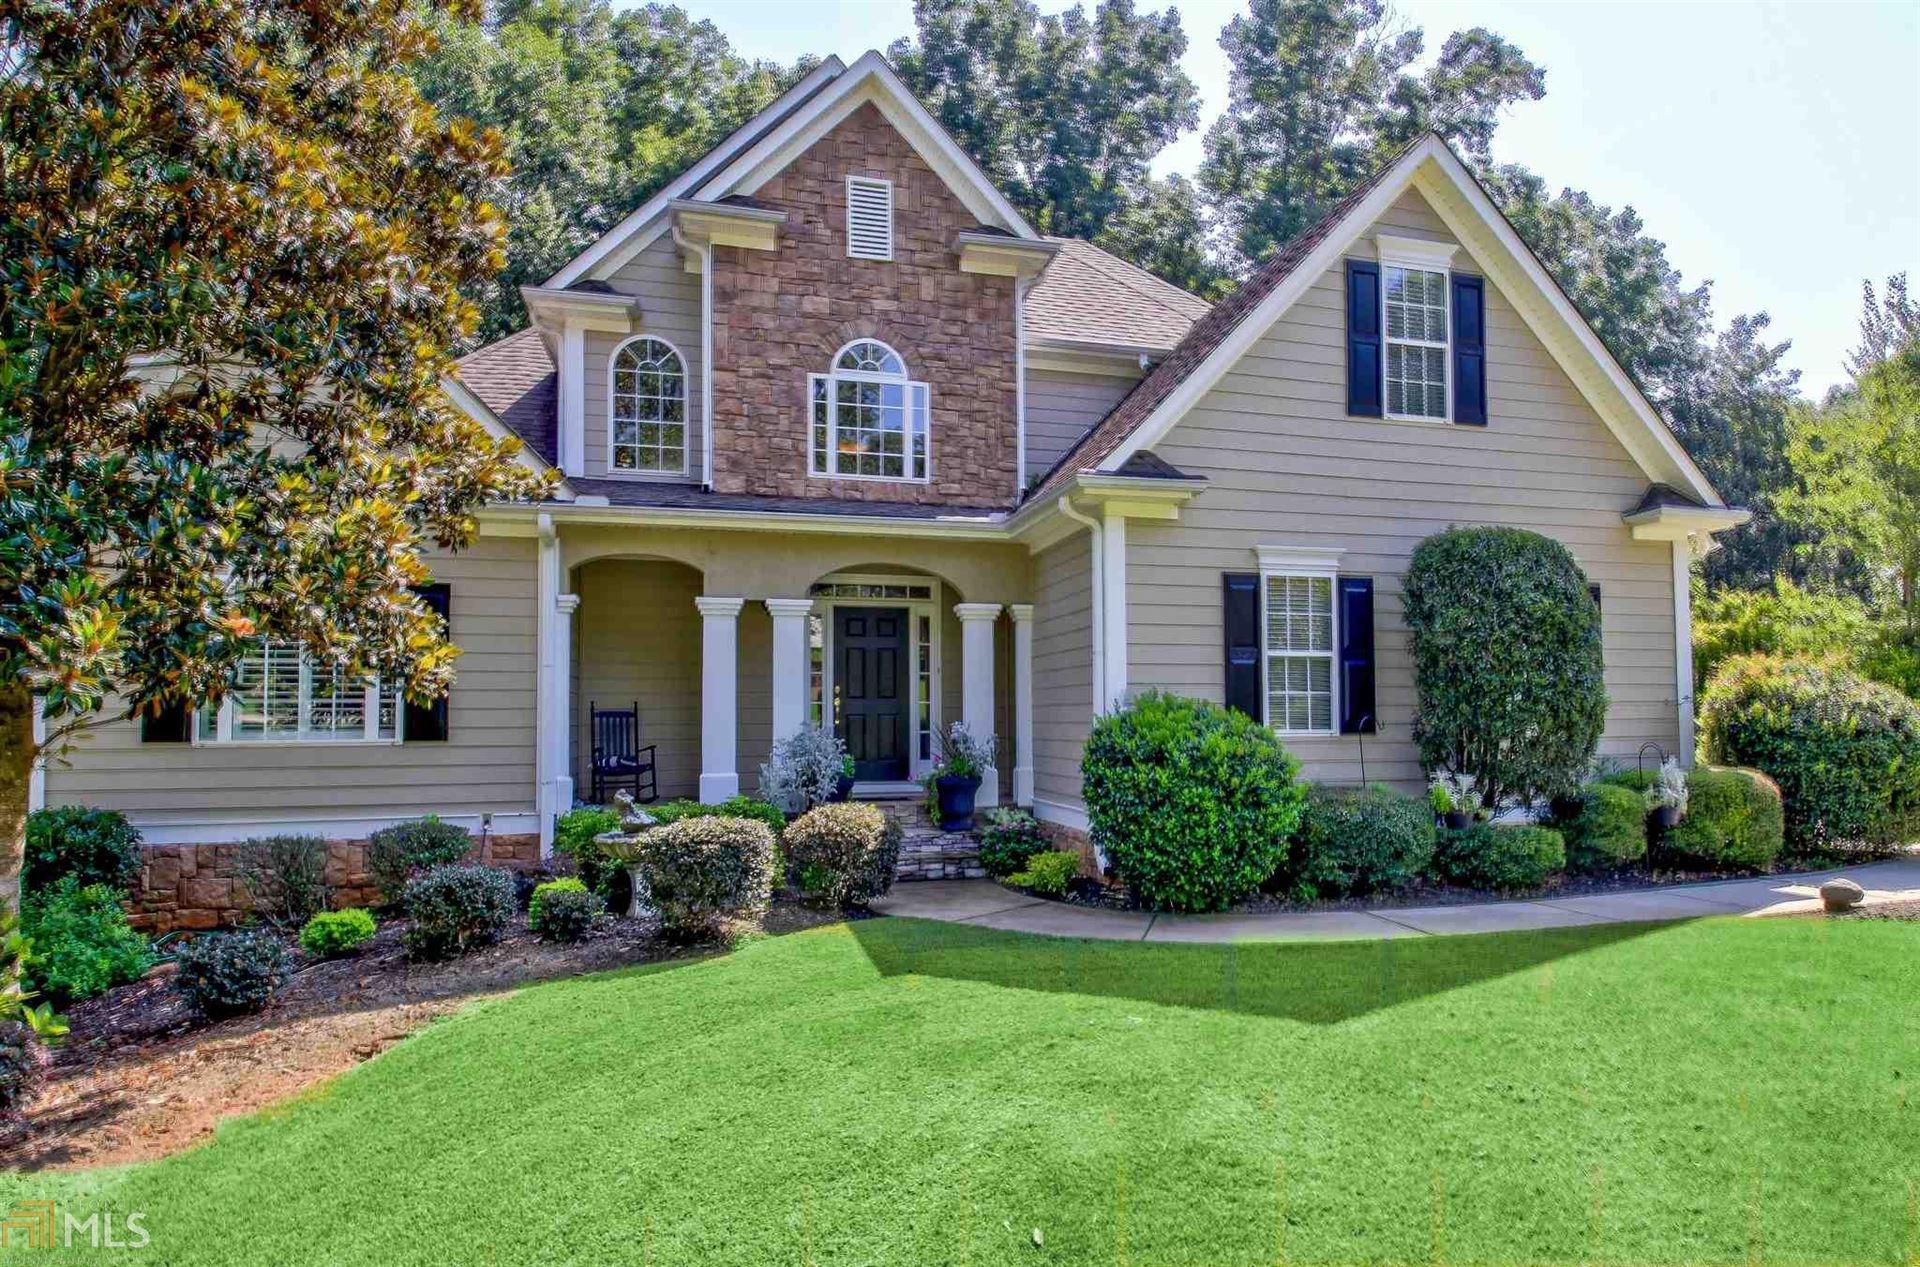 70 The Terrace, Newnan, GA 30263 - MLS#: 8869449